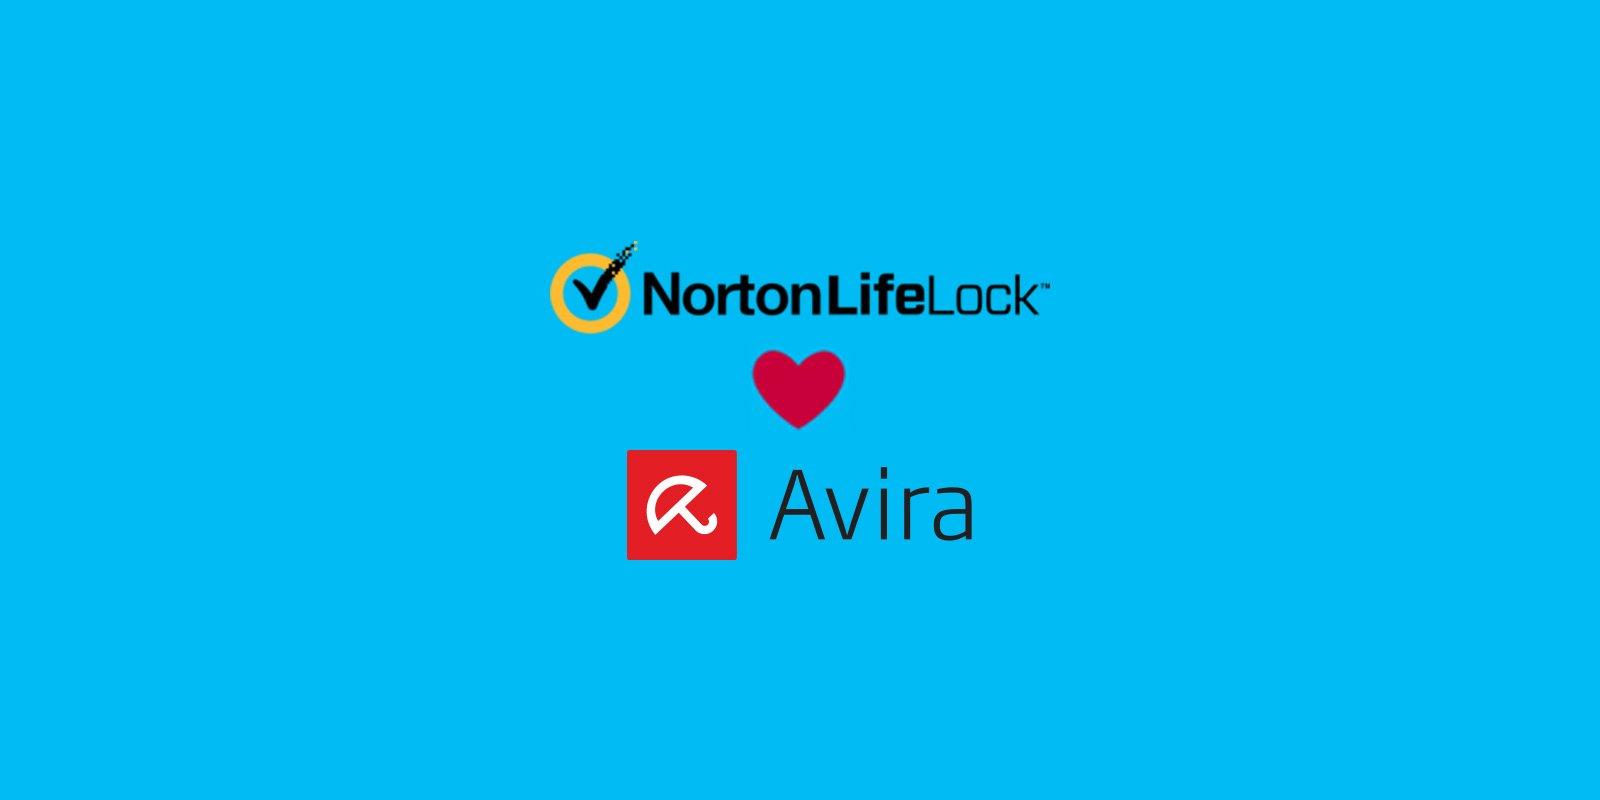 NortonLifeLock Avira